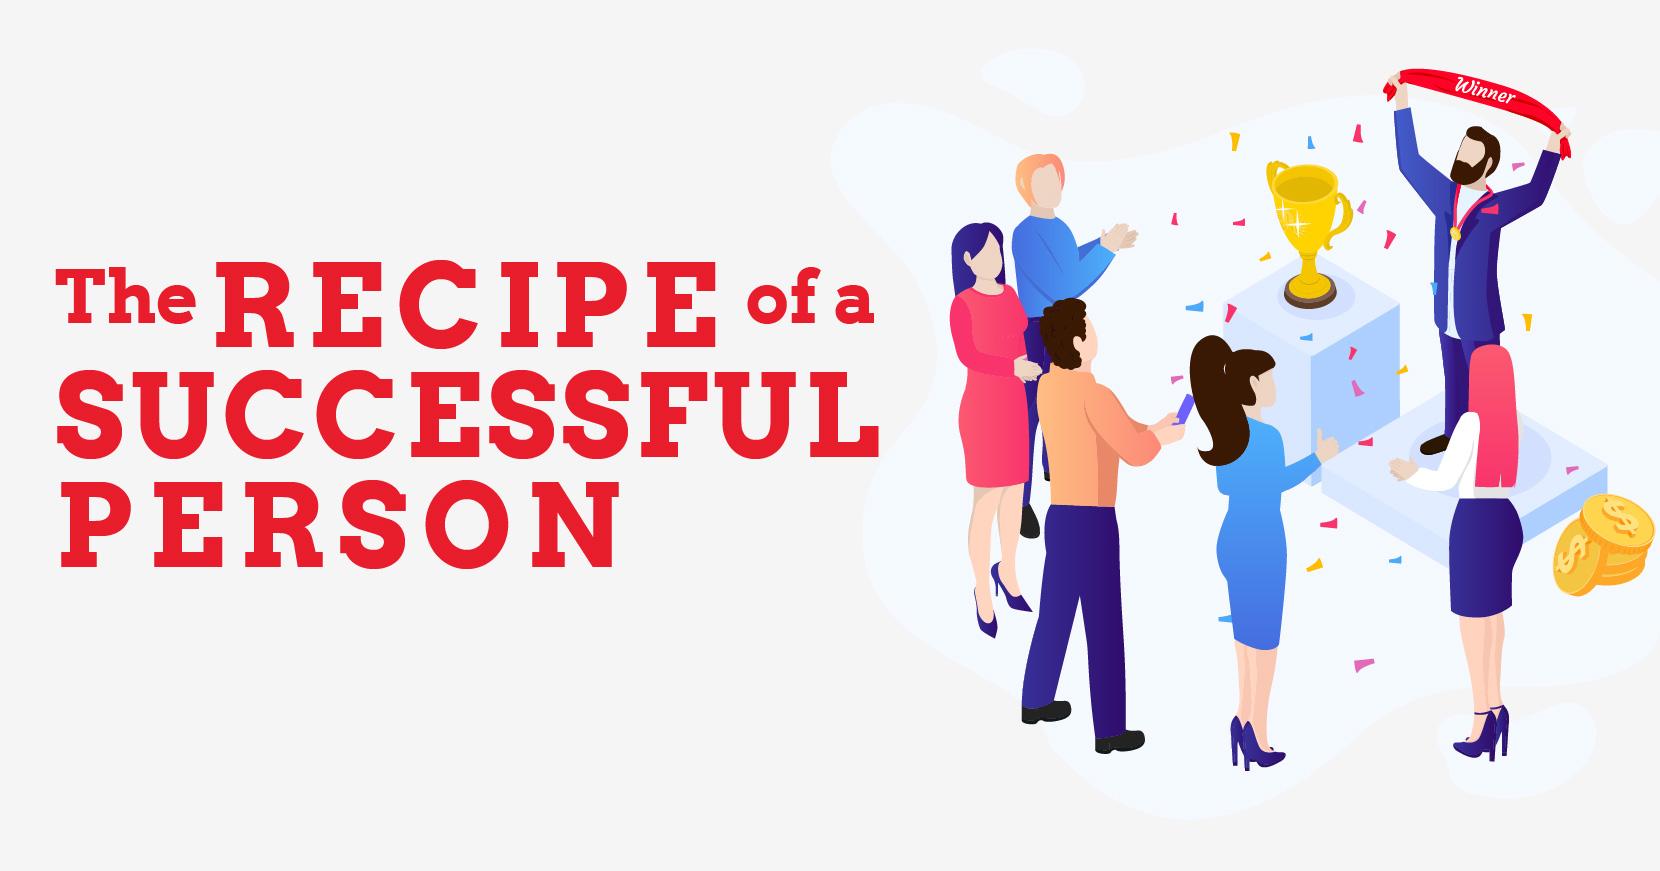 The Recipe of a Successful Person